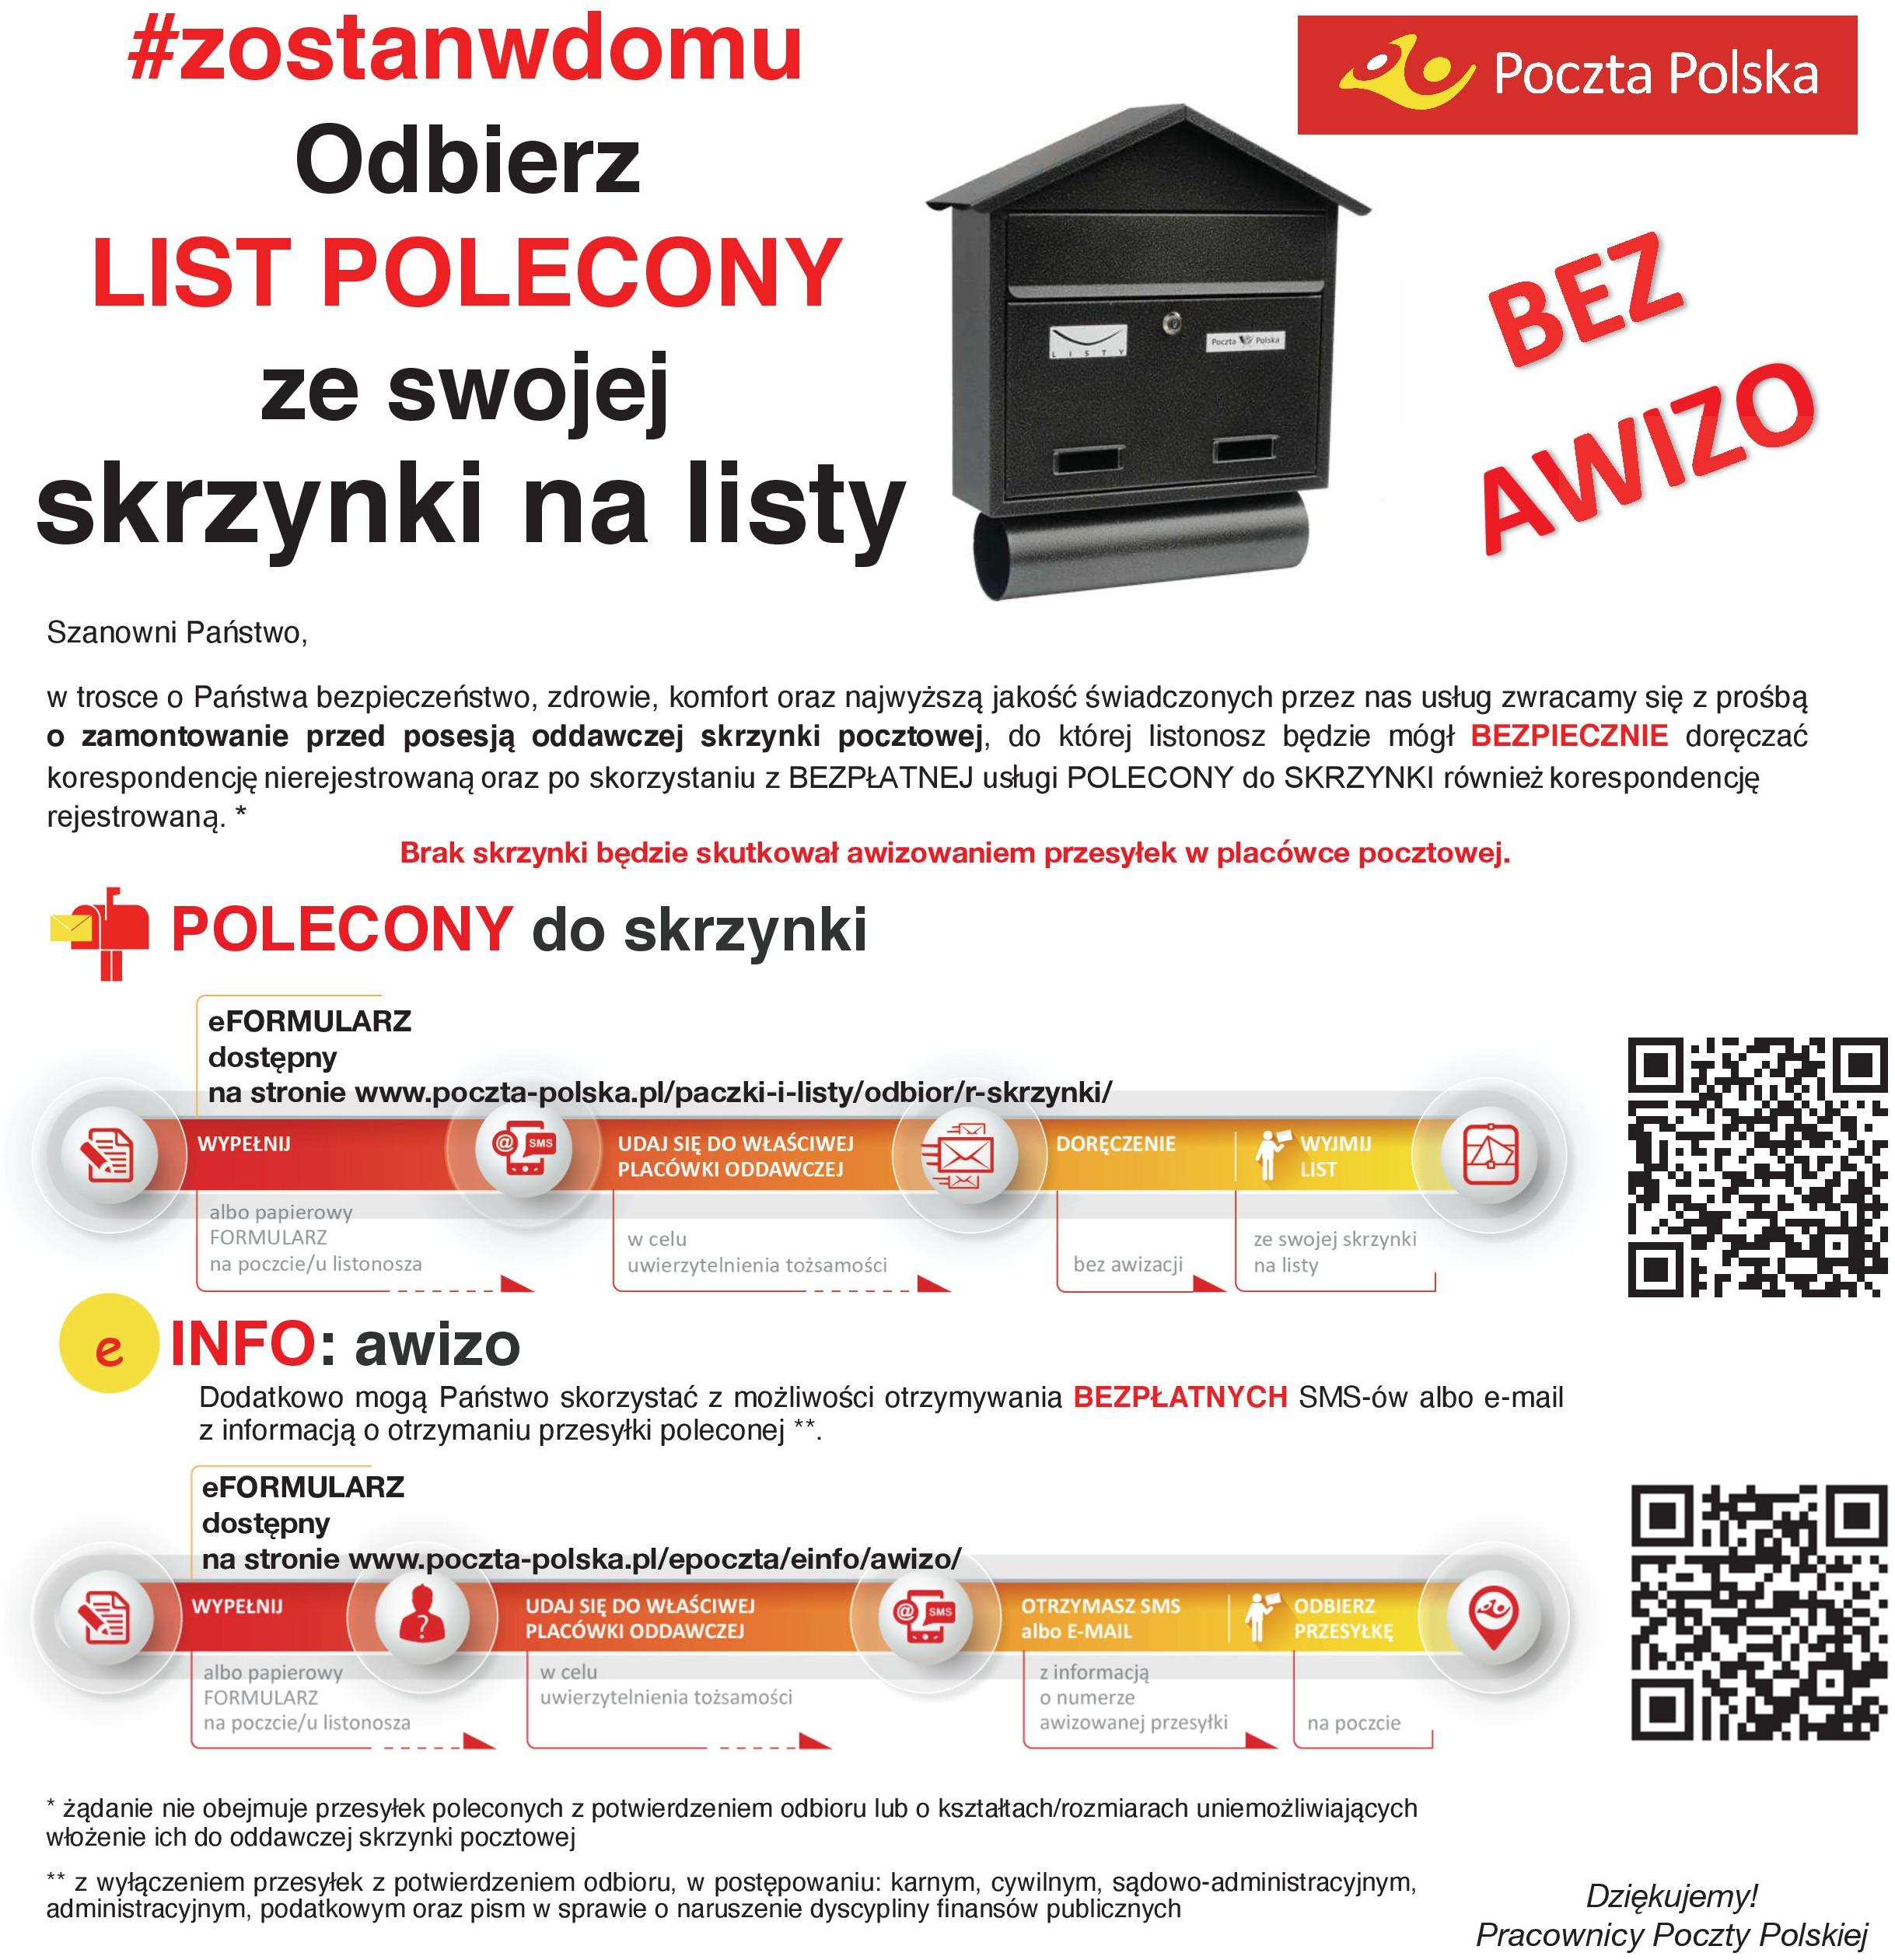 Poczta Polska - Informacje o skrzynce oddawczej